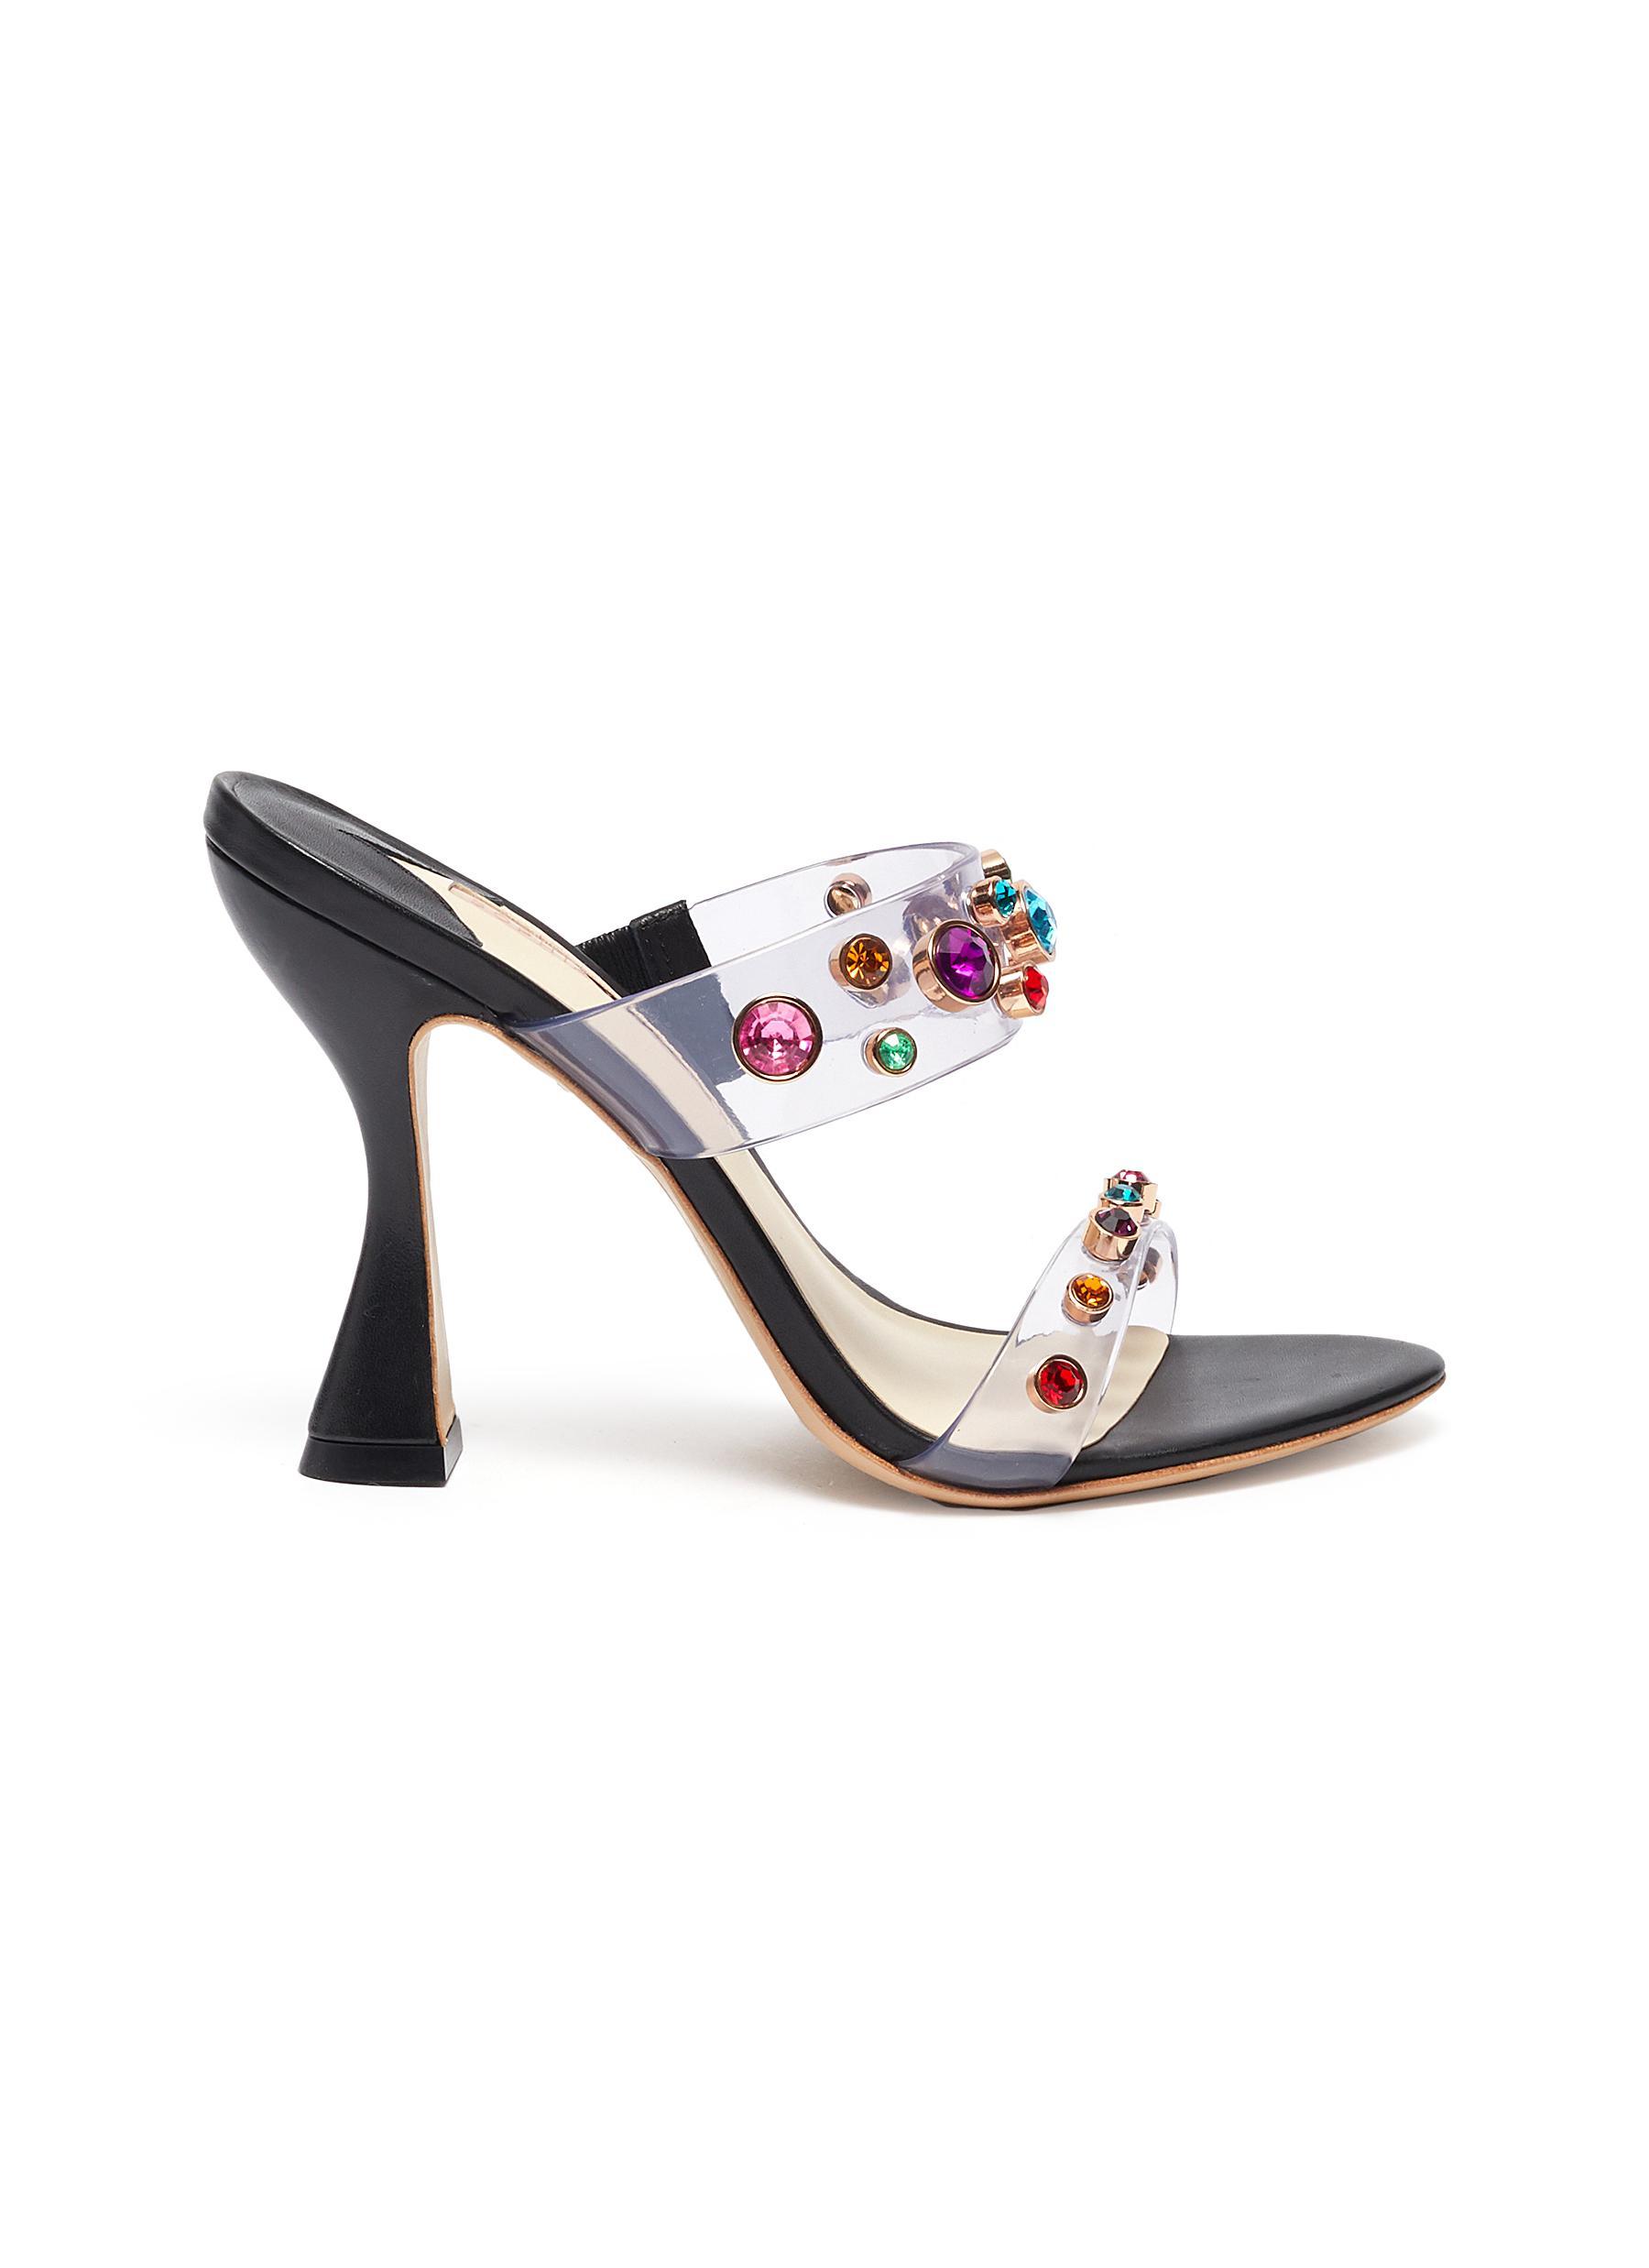 Sophia Webster High Heels Dina gem embellished strap mules